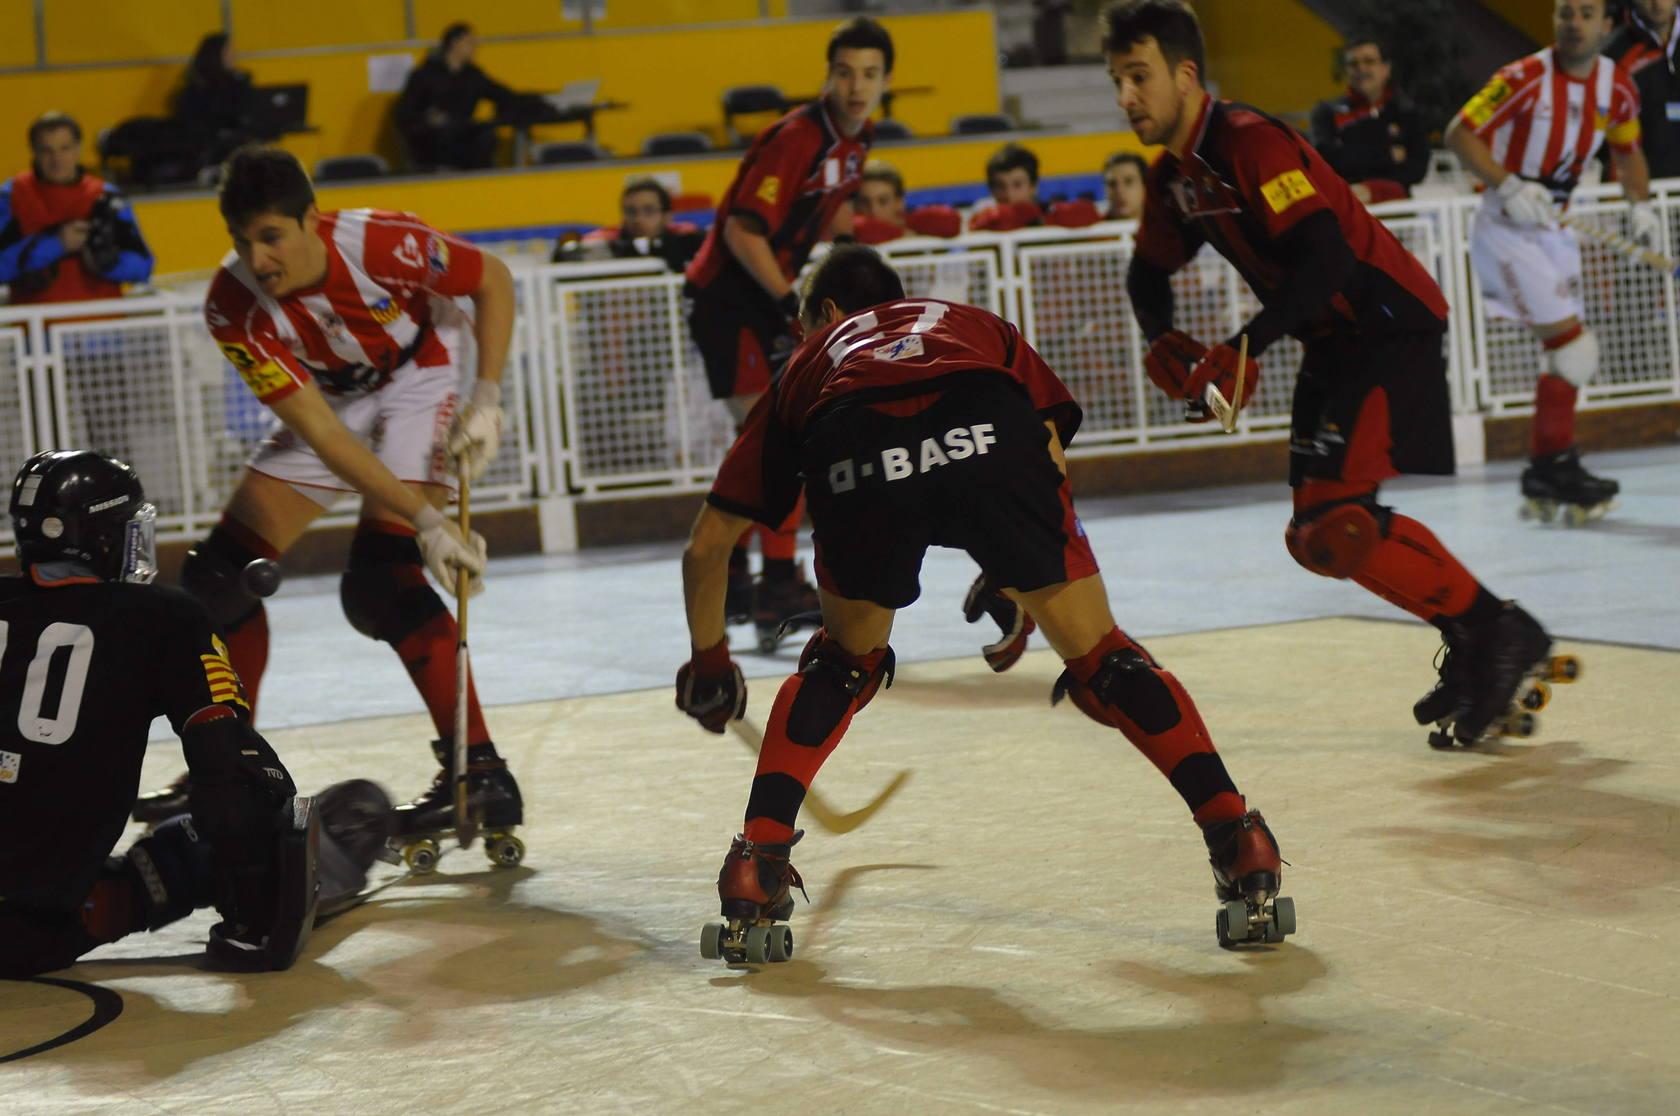 Primera jornada de hockey en Oviedo